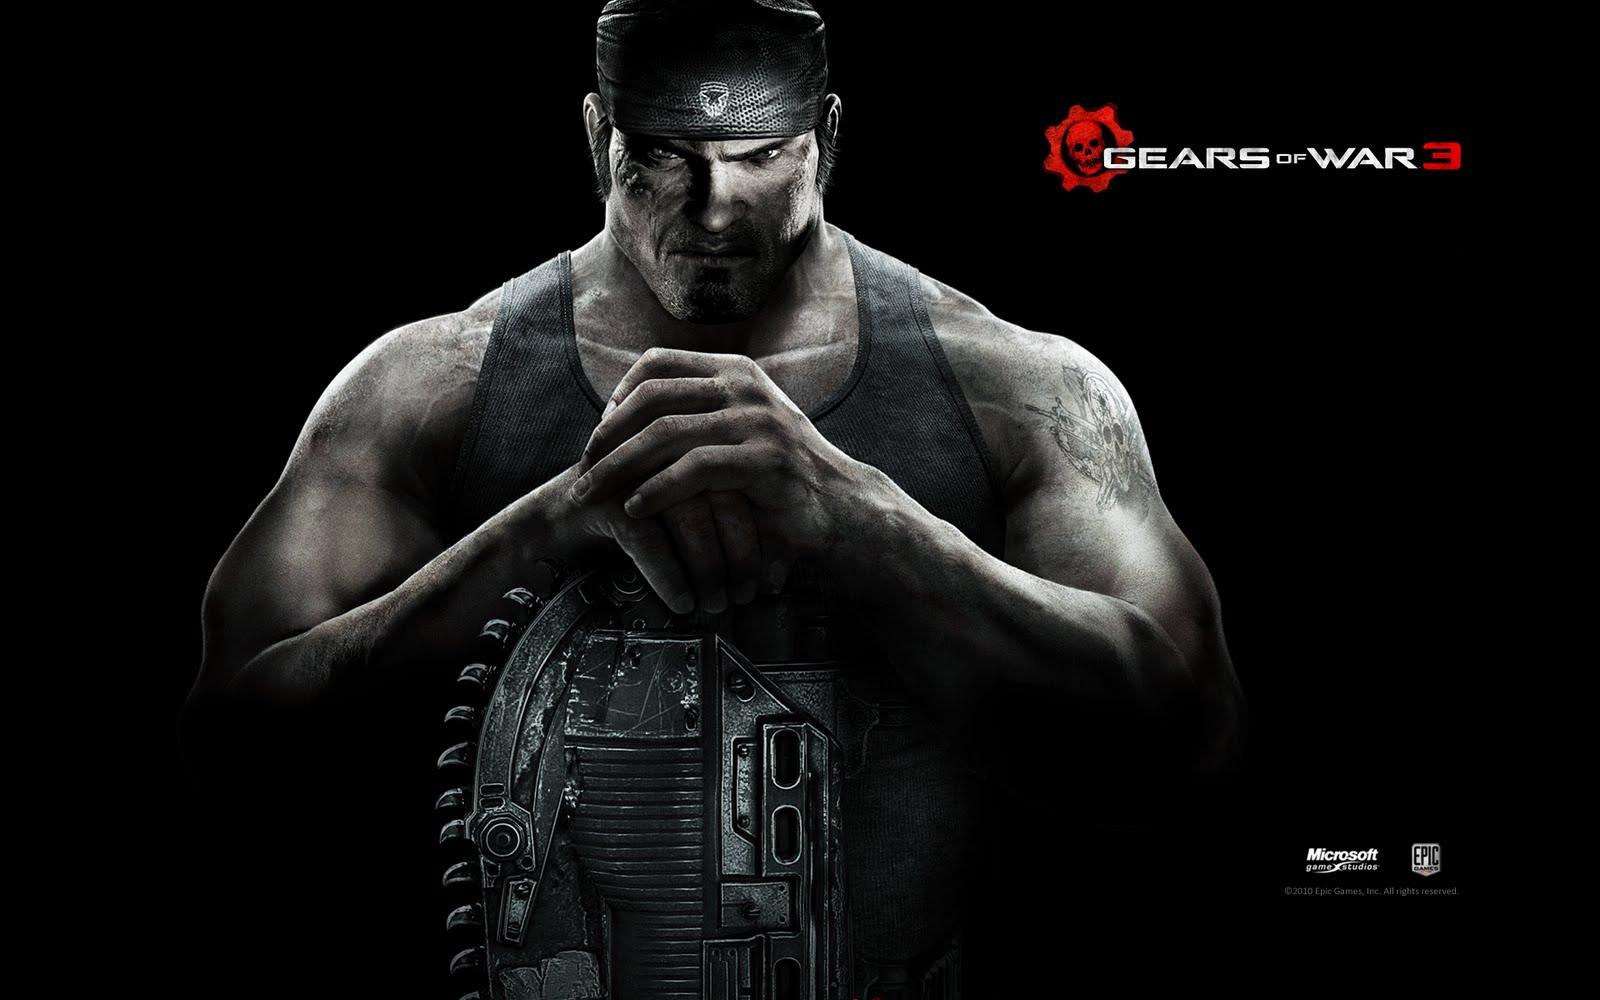 http://2.bp.blogspot.com/-jDRBIO5ZCxI/TmtHmK3mGJI/AAAAAAAADII/7zR44wUTzl0/s1600/gears_of_war_3.jpg